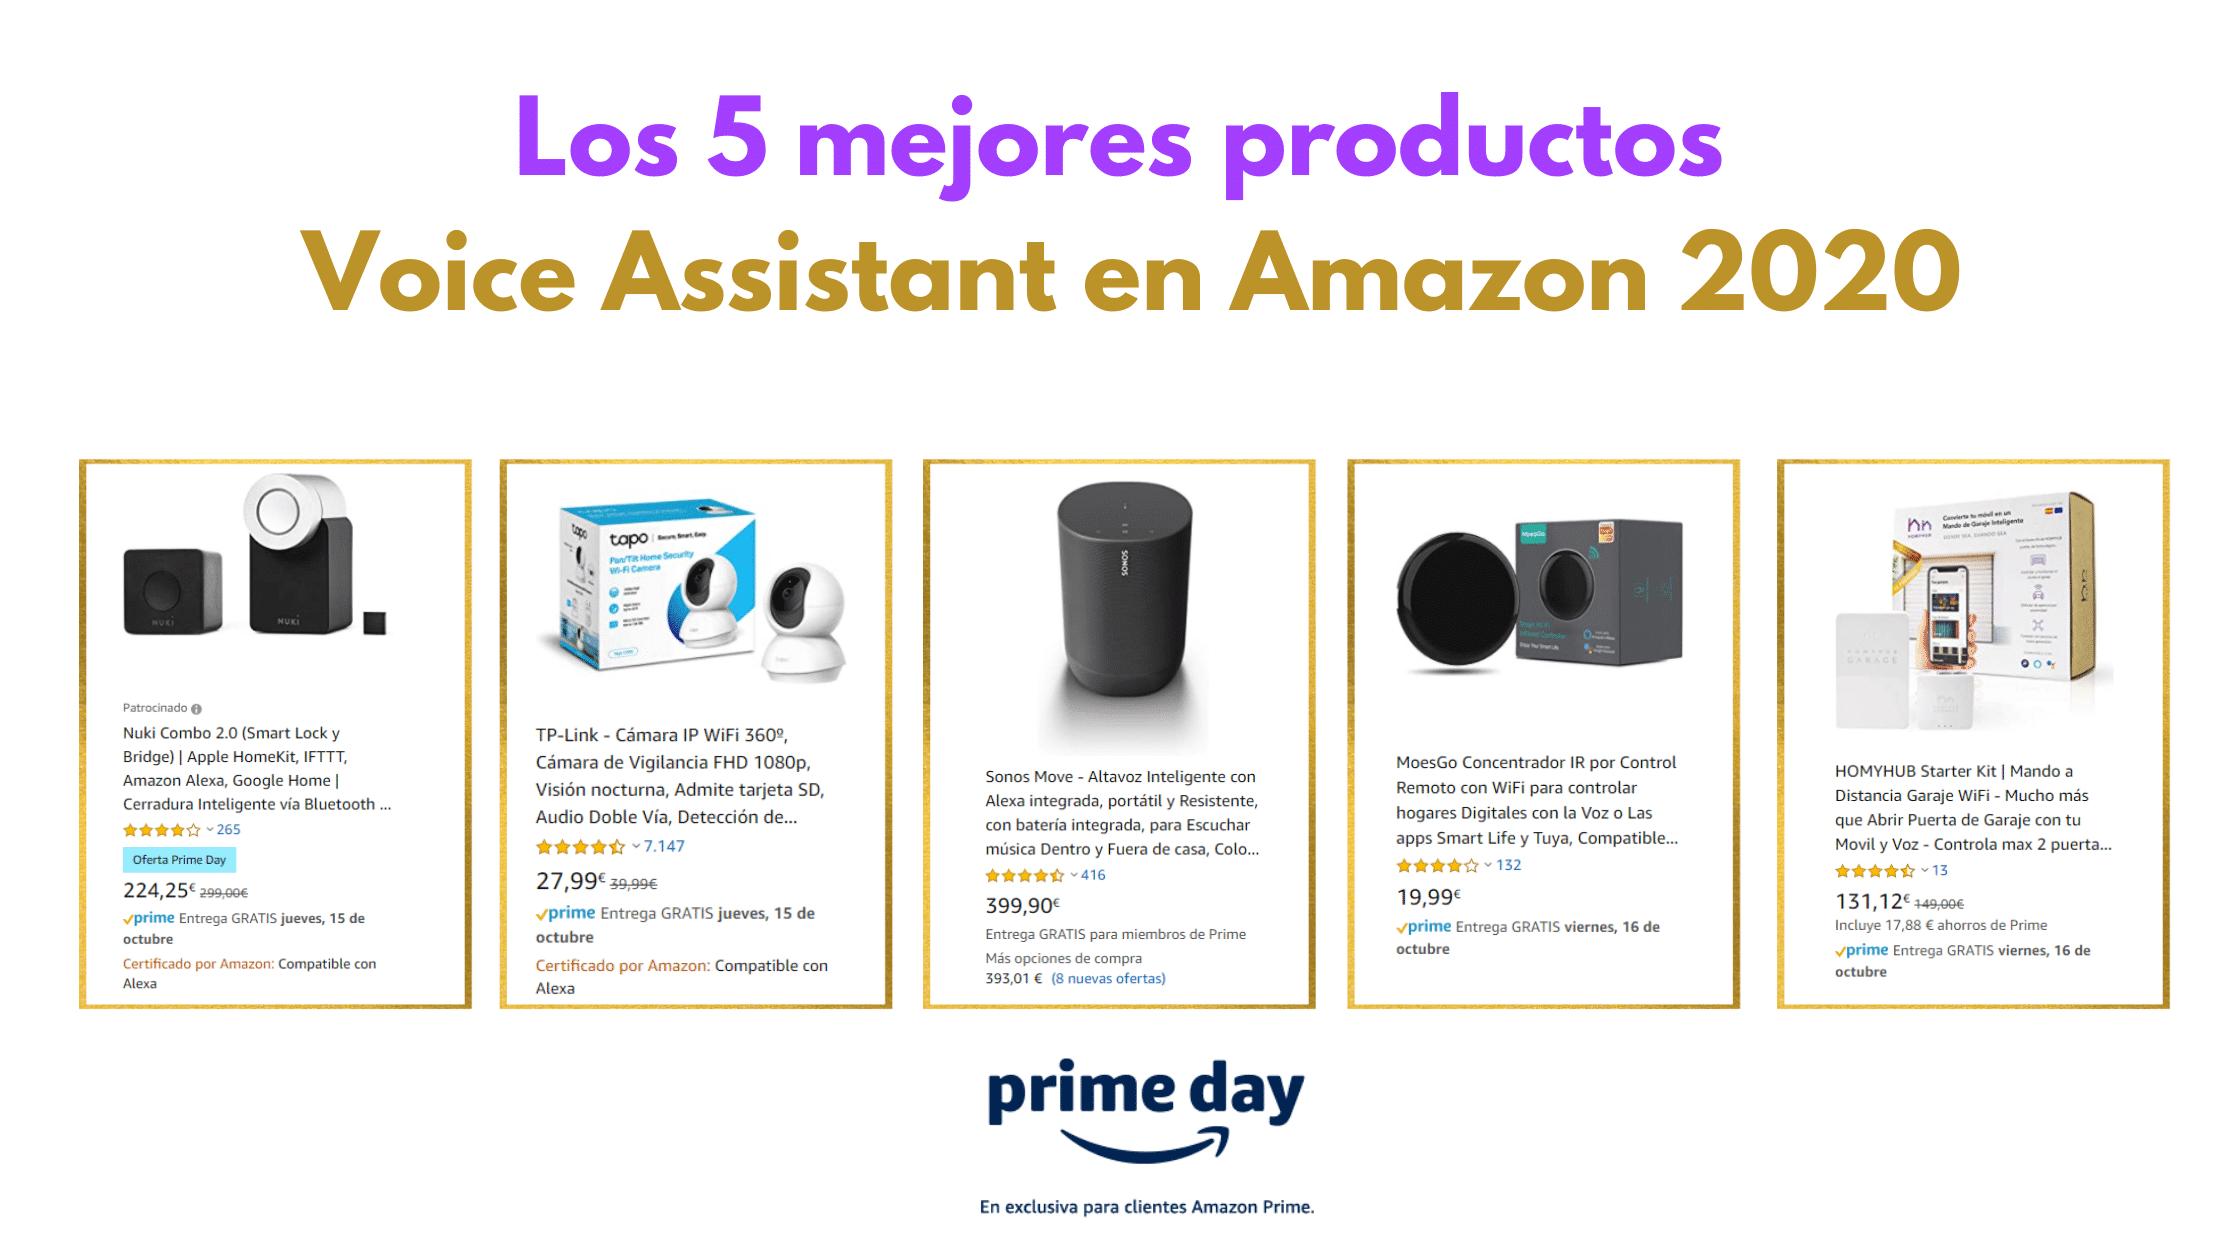 Los 5 mejores productos Voice Assistant en Amazon 2020